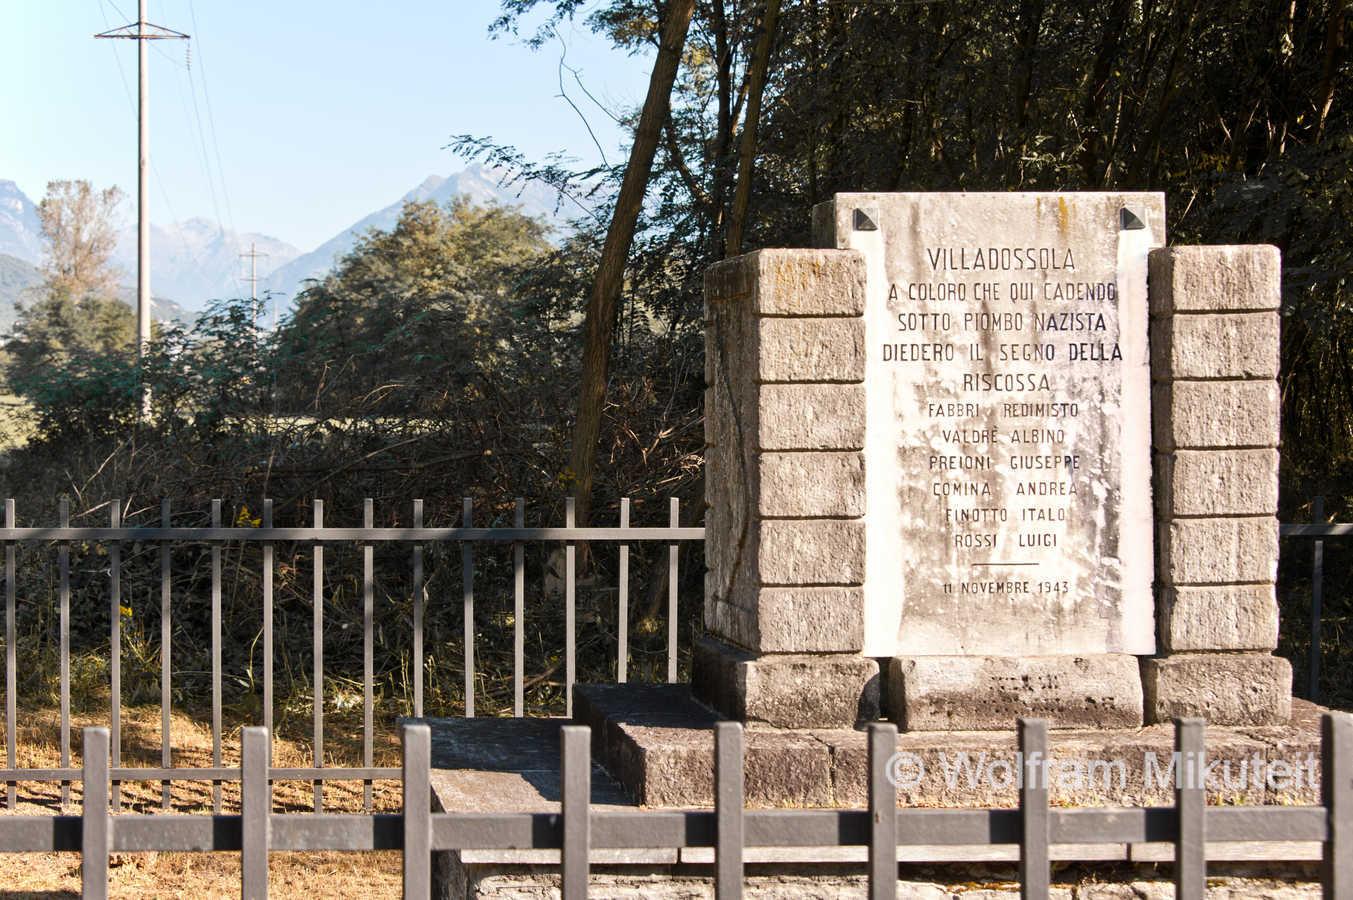 Gedenktafel für die Opfer des Aufstands von Villadossola